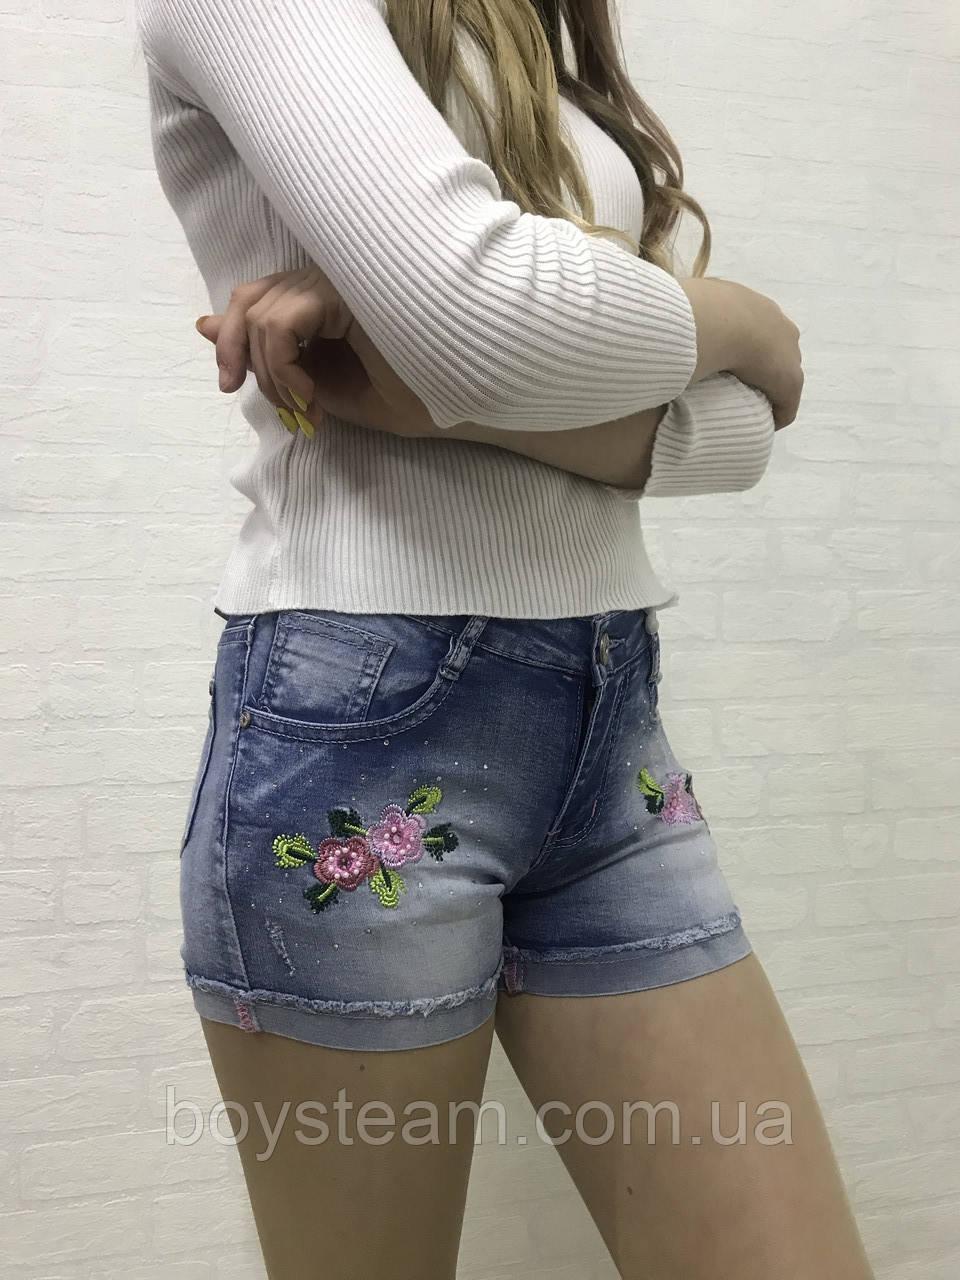 1862b6b751eb07 Джинсові шорти для дівчат з вишивкою квітів віком від 5 до 12 років (Польща)